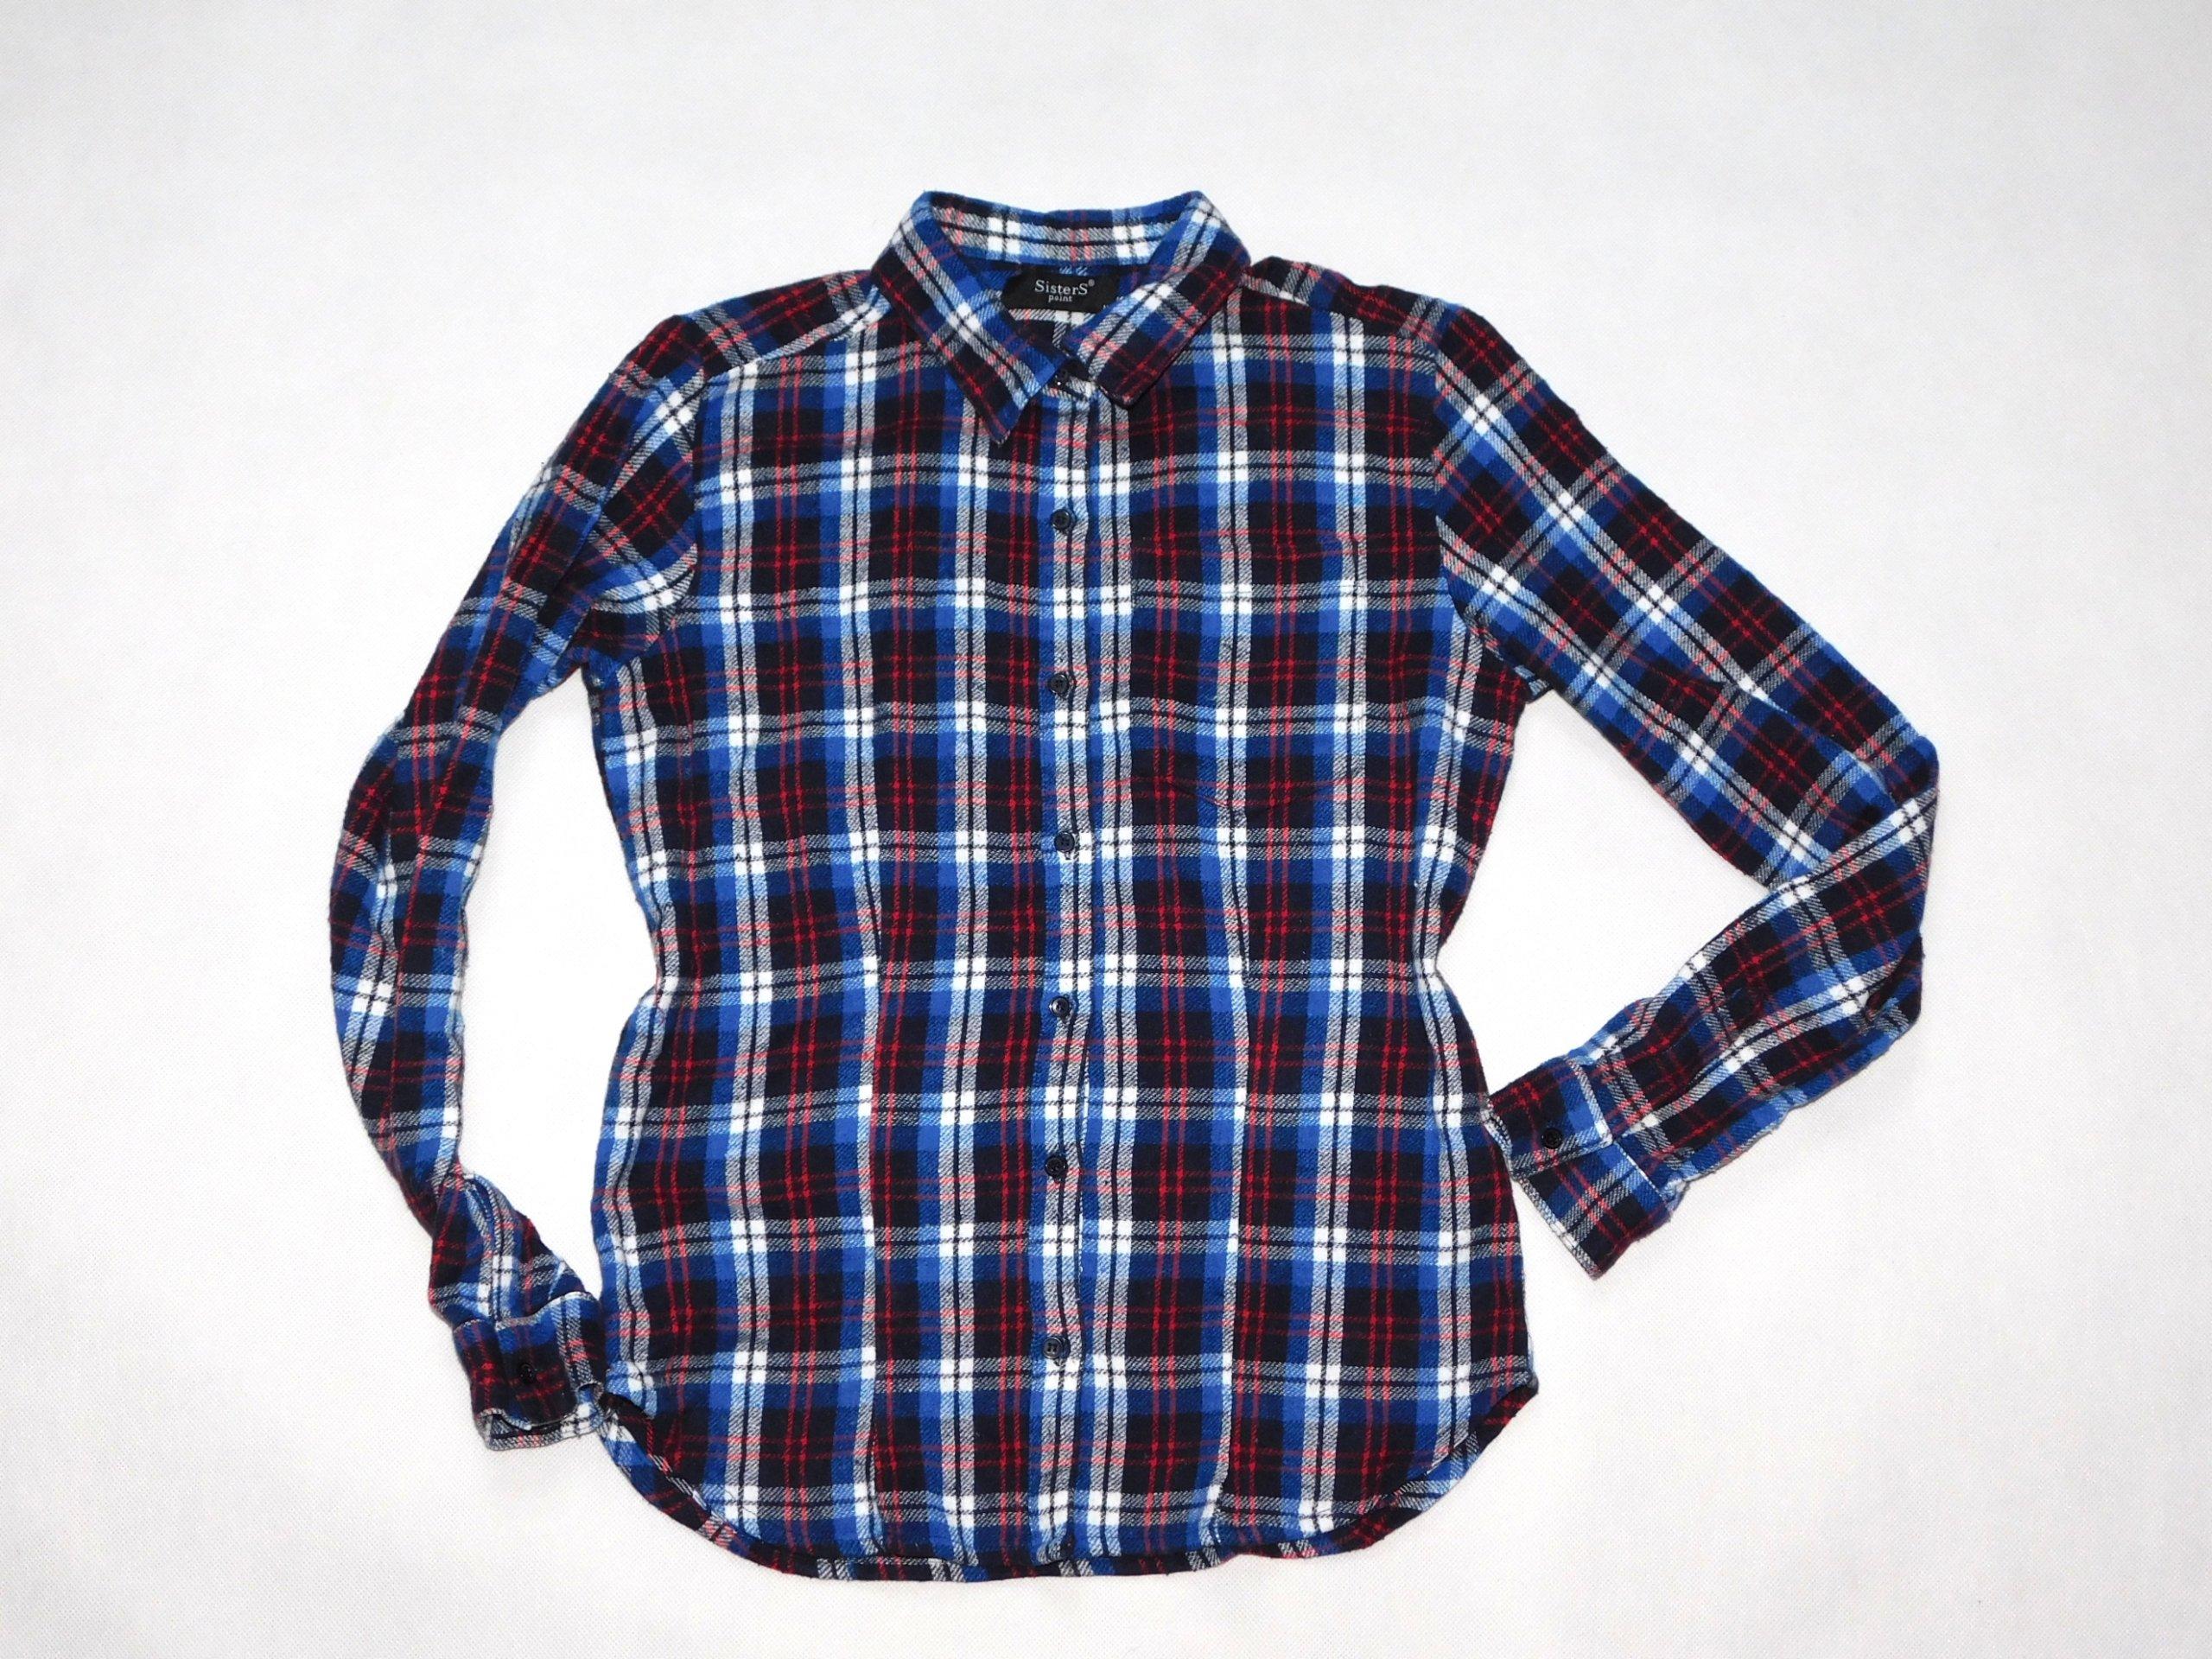 48e814b36ffa23 koszula flanelowa szara w Oficjalnym Archiwum Allegro - Strona 93 - archiwum  ofert